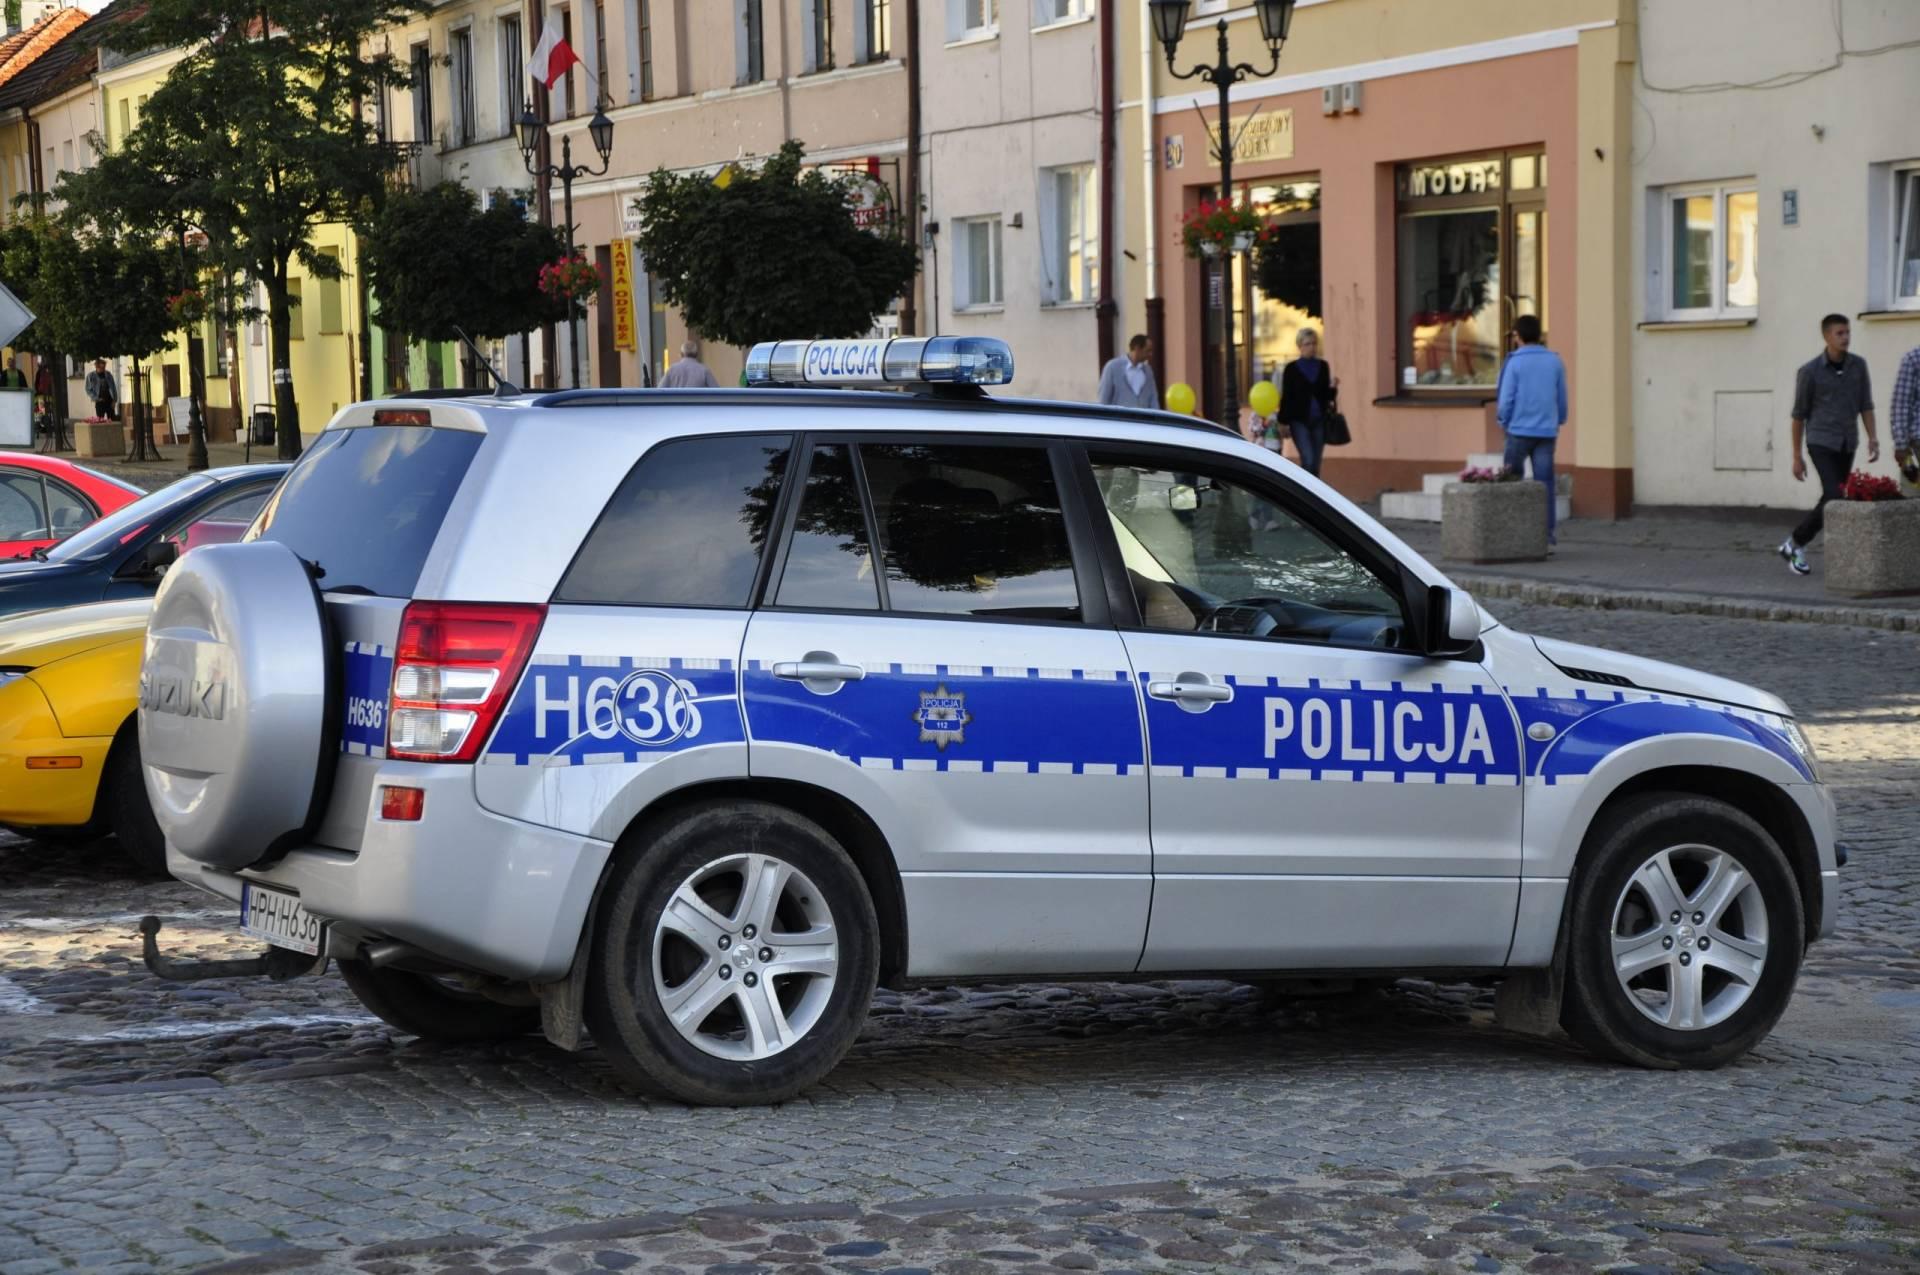 kontrola, policja